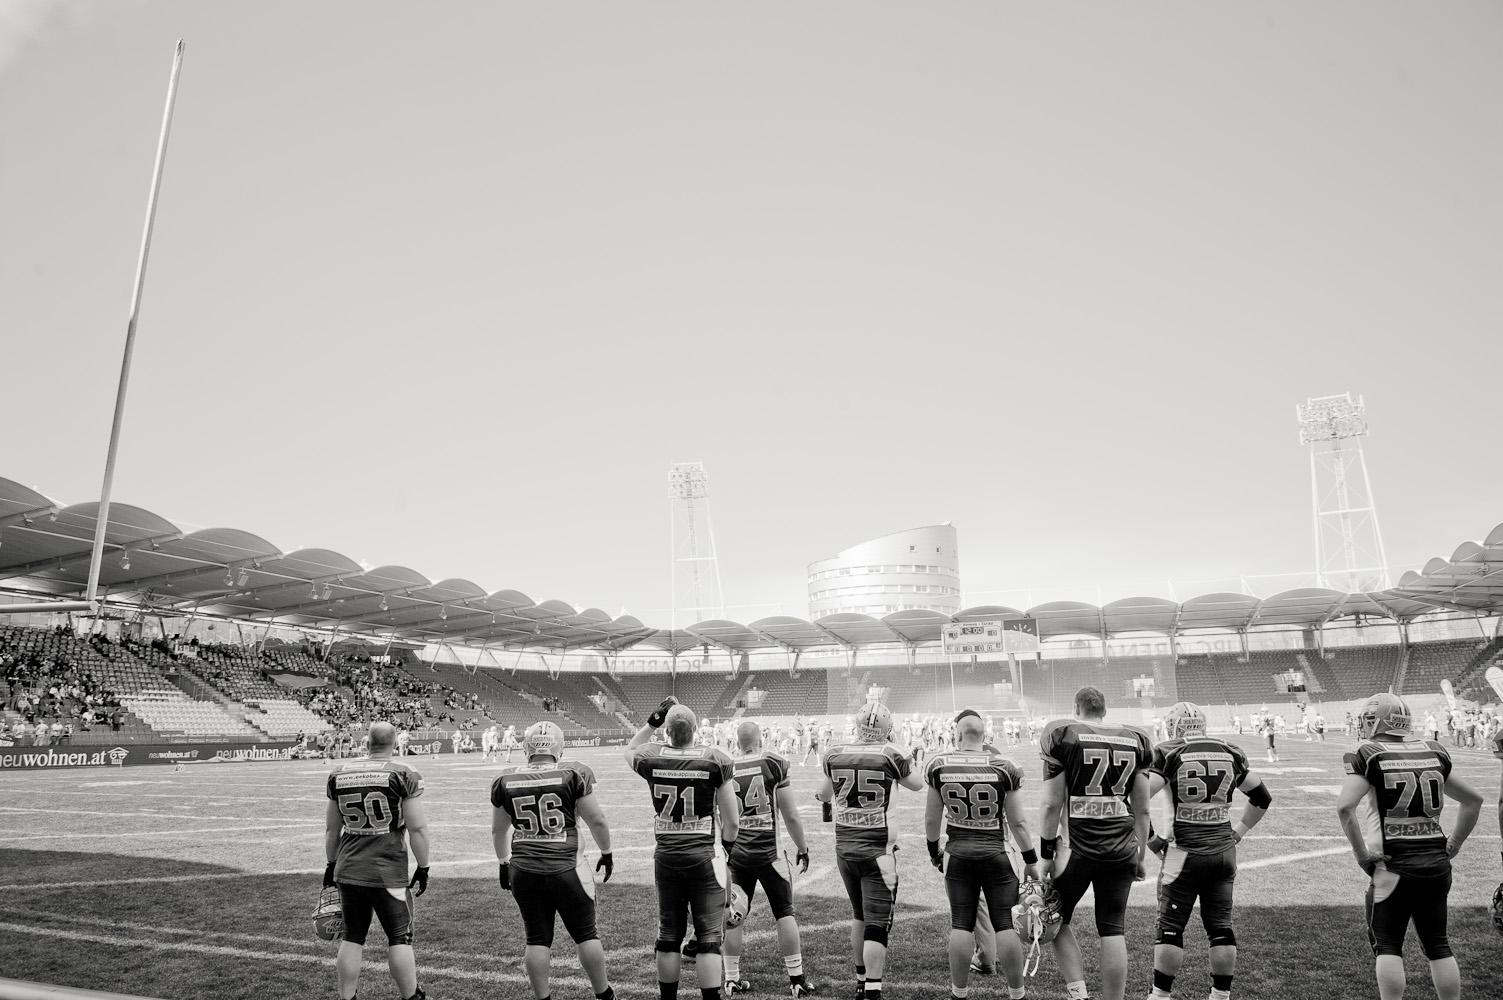 Giants-101